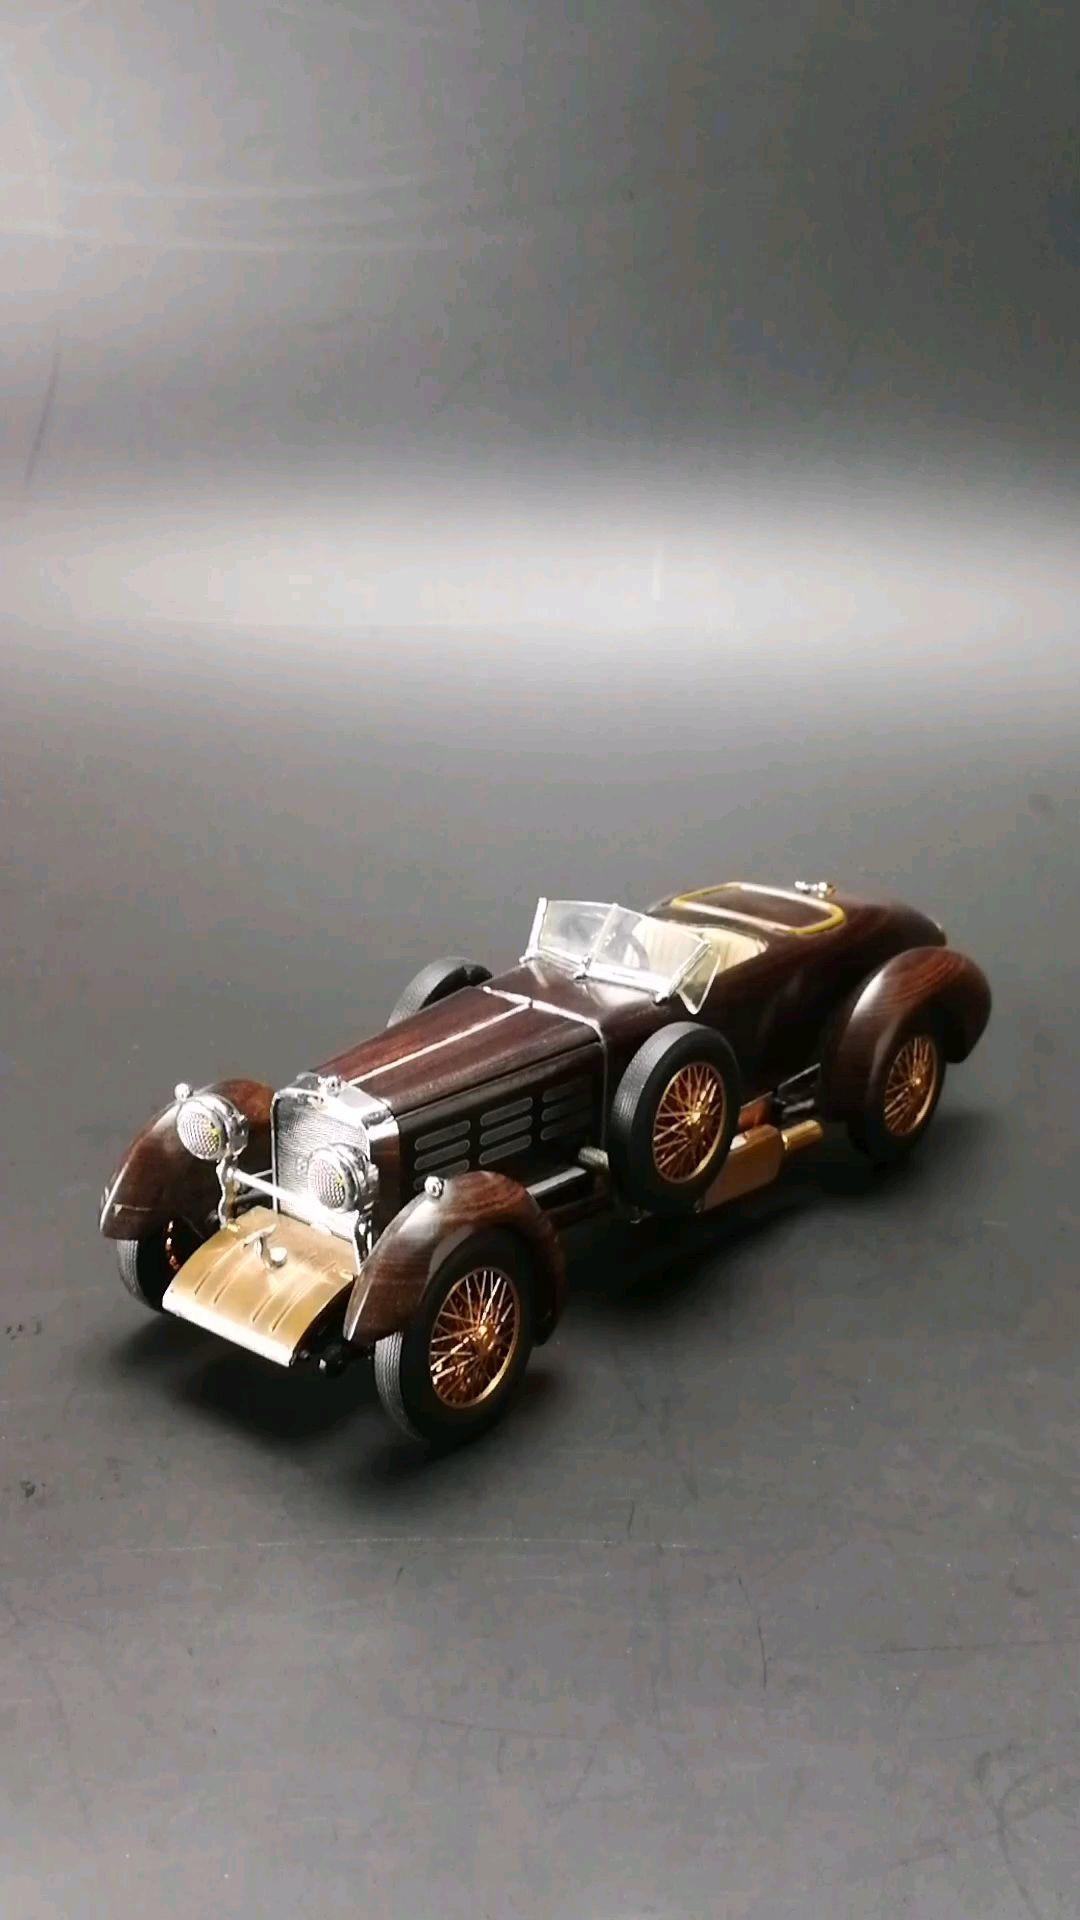 1924喜事伯苏珊郁金香木头跑车,1:24比例,东晓汽车模型收藏馆藏品。